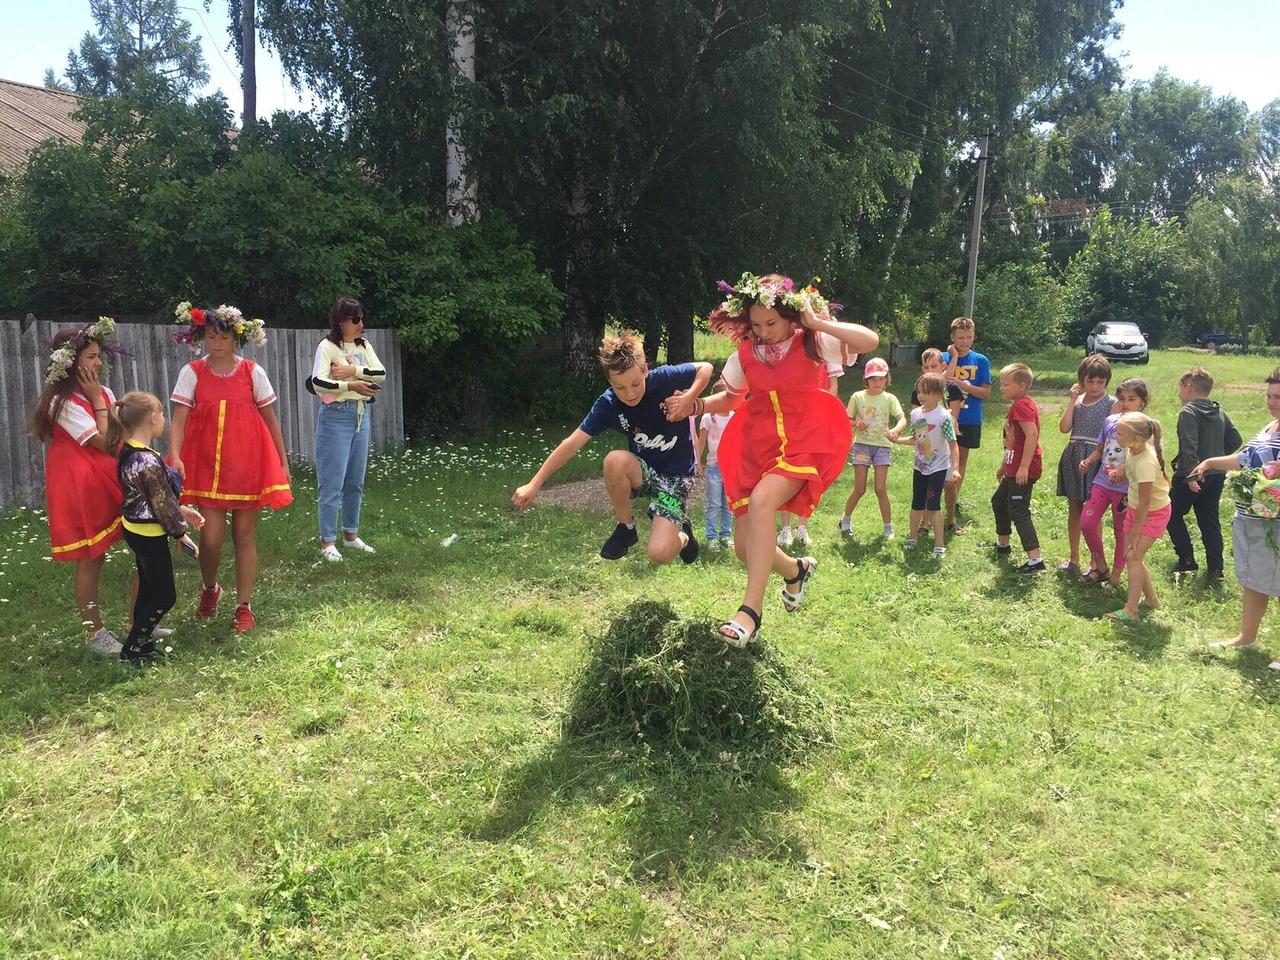 В Первоберёзовском доме культуры провели конкурсную программу, посвящённую празднику Ивана Купалы - дню летнего солнцестояния